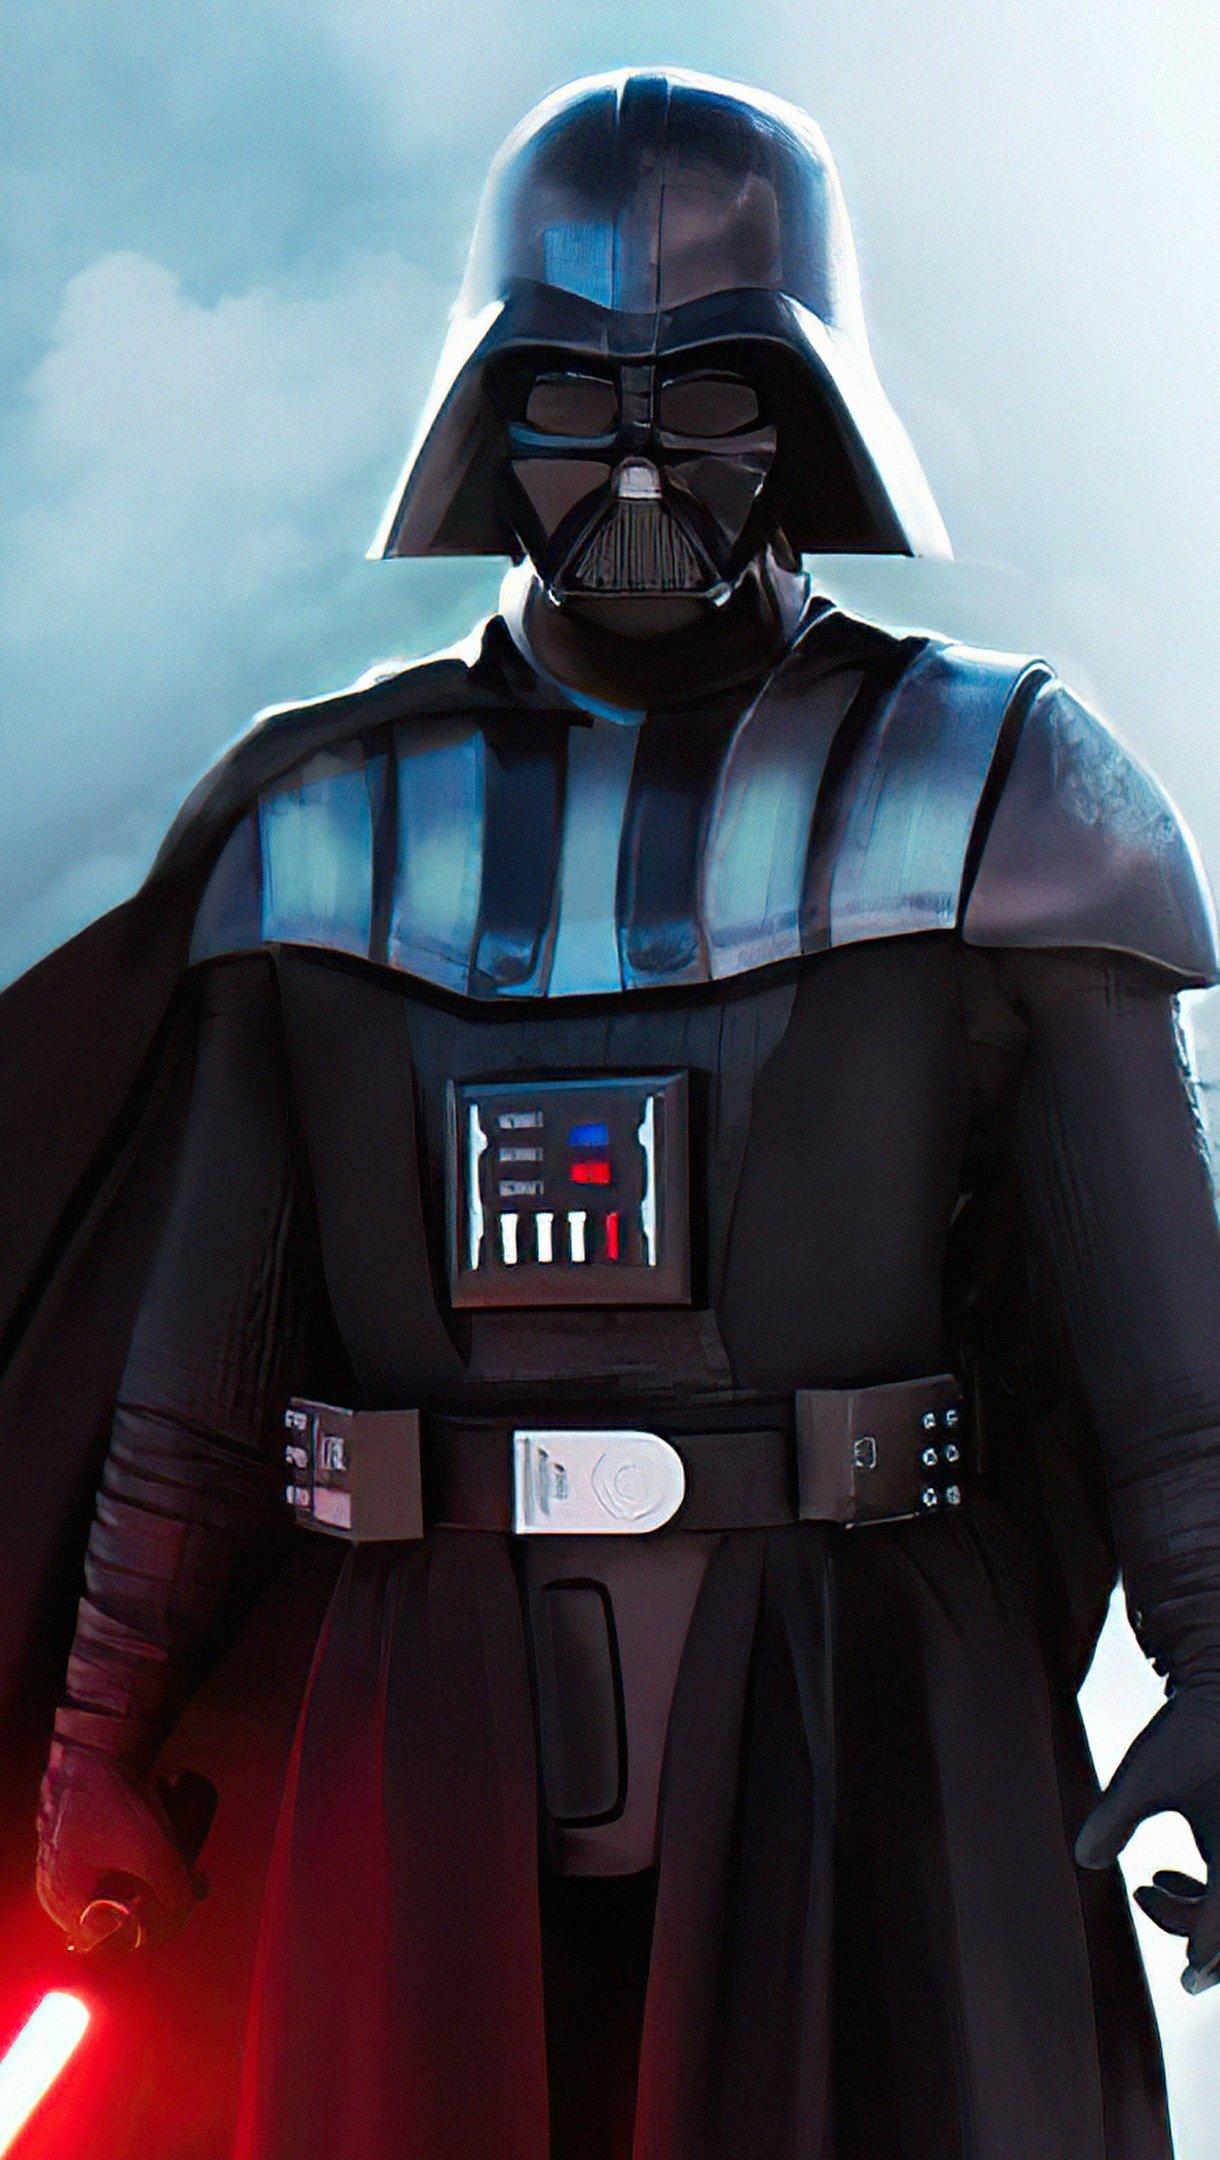 Fondos de pantalla Darth Vader con sable de luz rojo Vertical